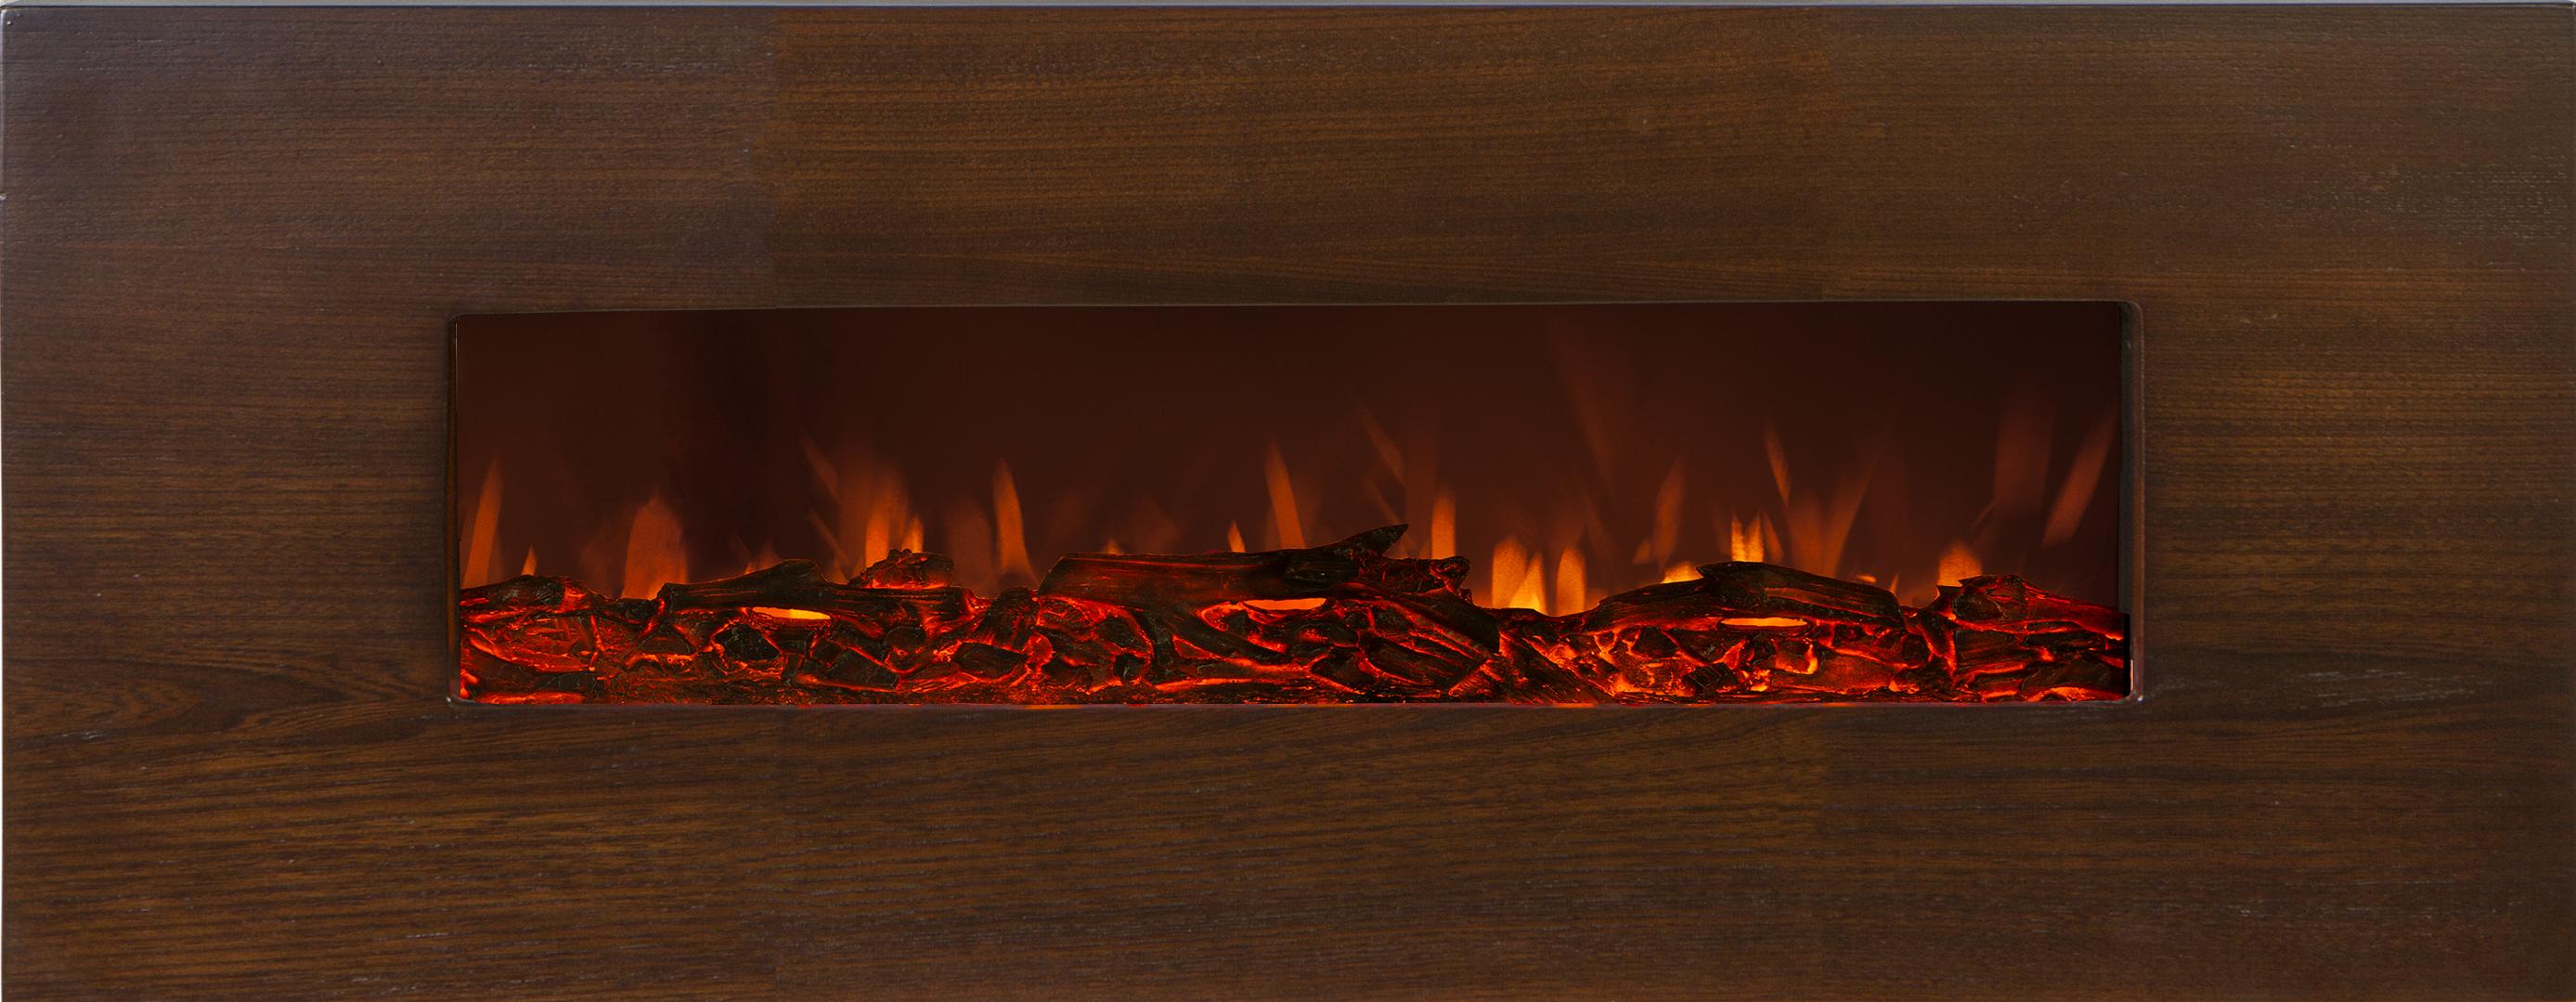 شومینه چوبی دیواری